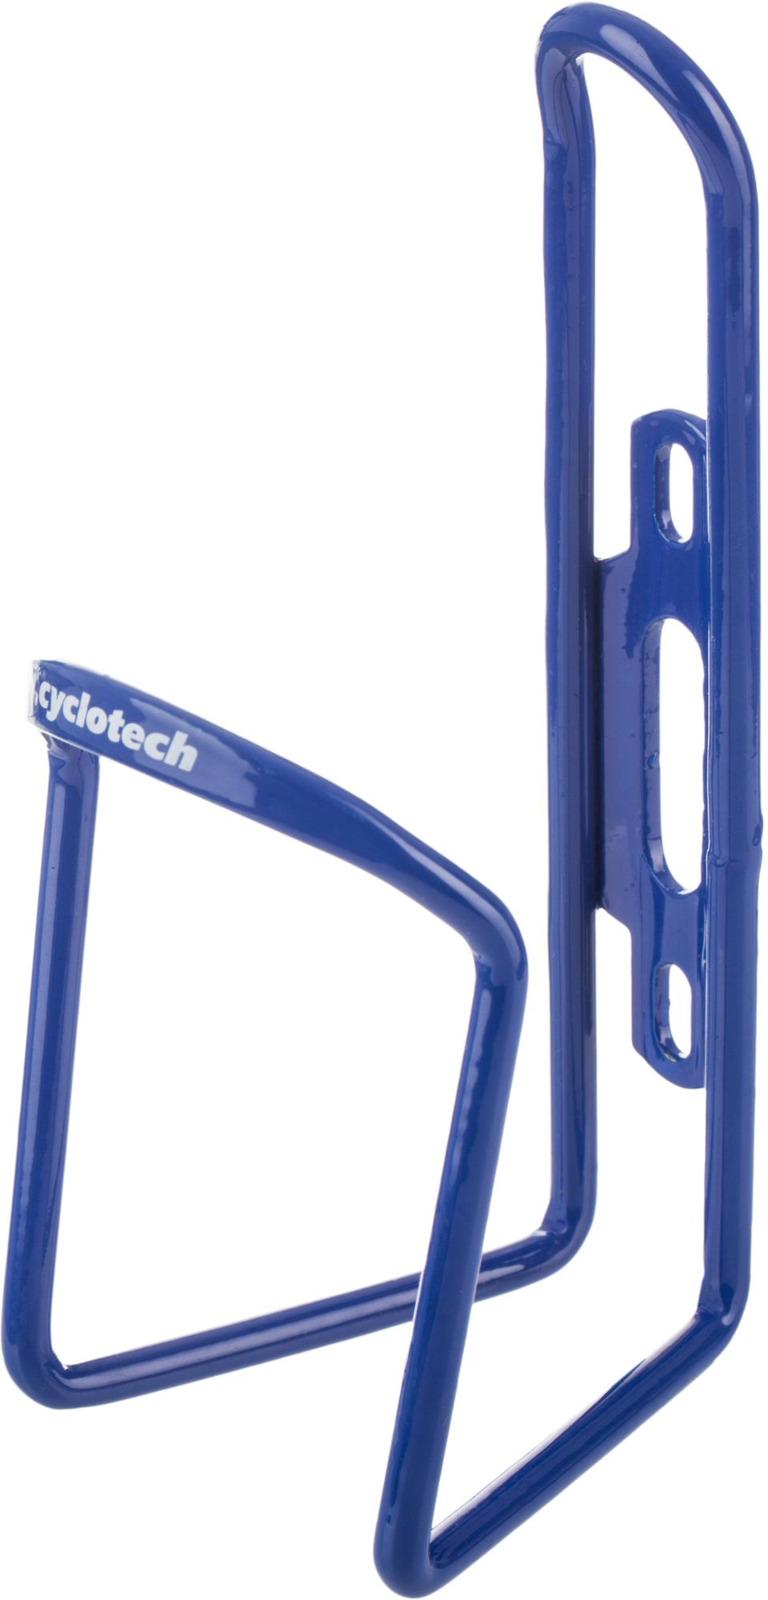 Флягодержатель Stern CBH-1B Bottle holder, синий запчасти для велосипеда stern